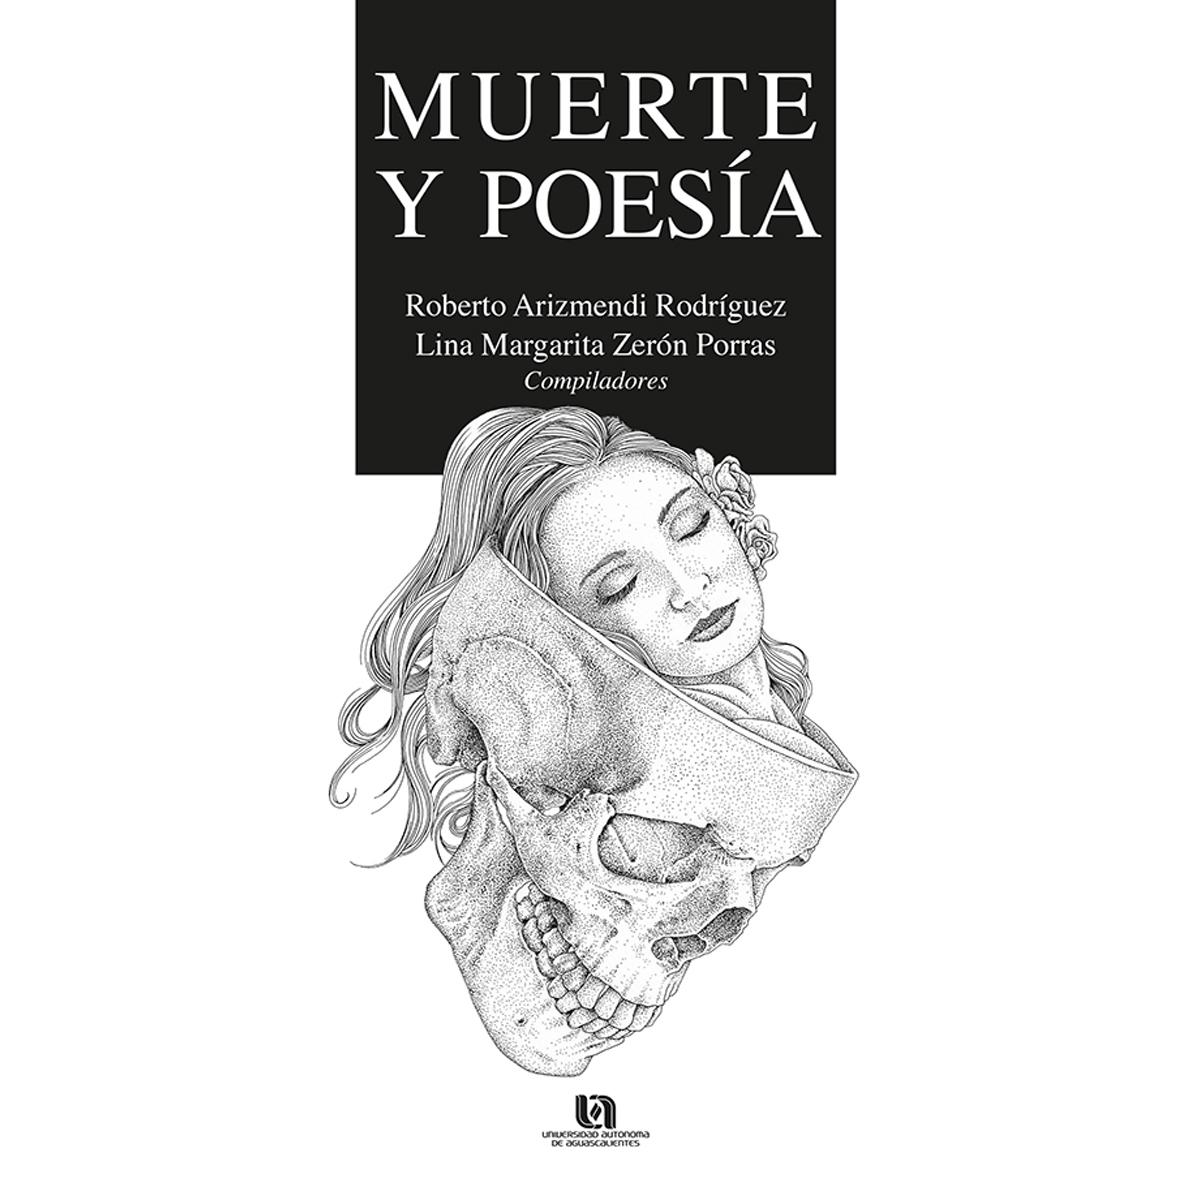 Muerte y poesía